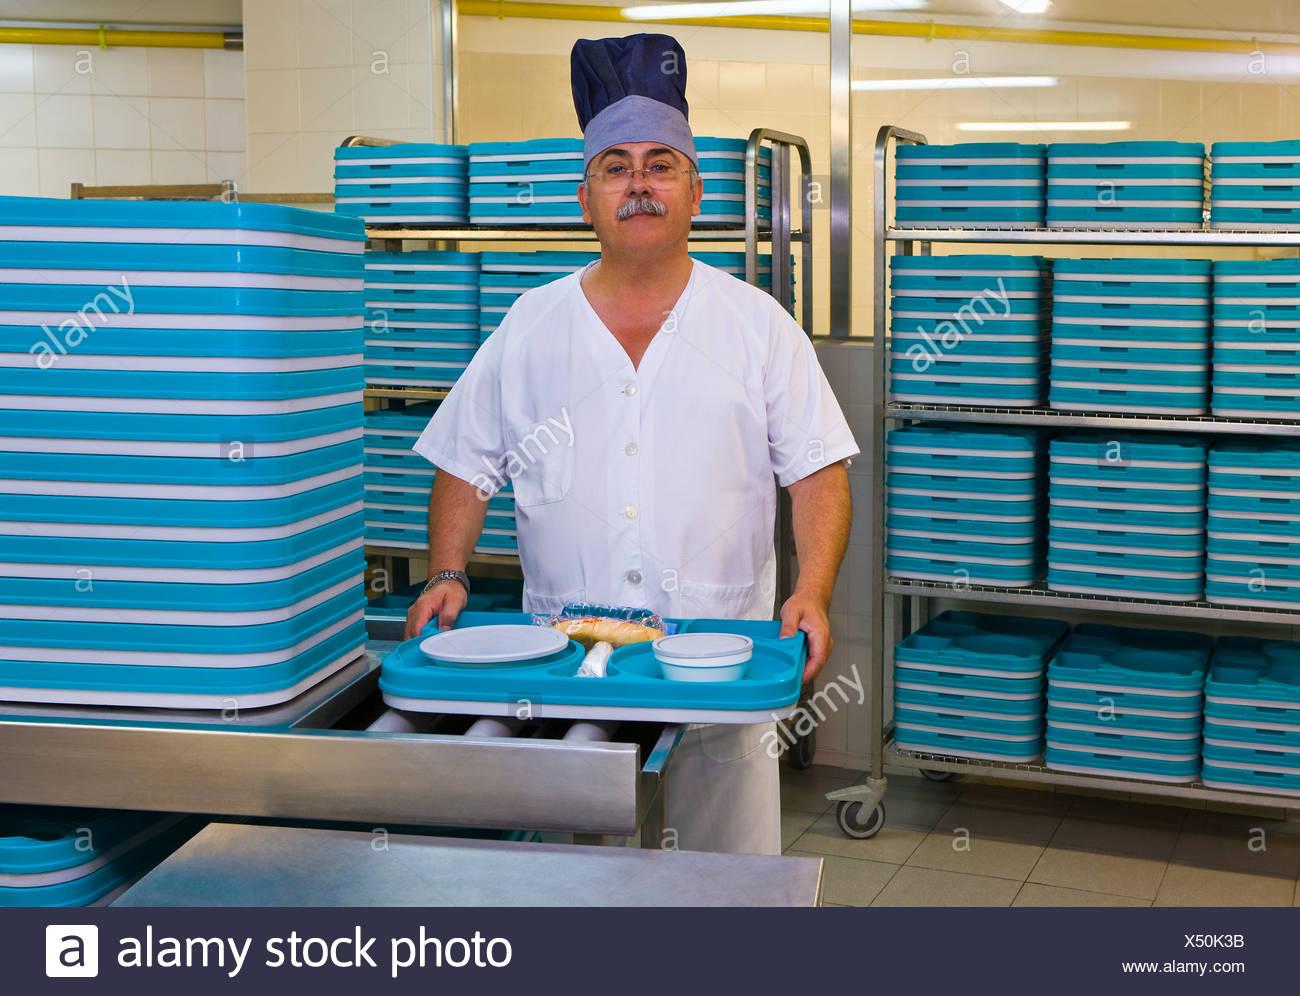 Kitchen Porter Stock Photos & Kitchen Porter Stock Images - Alamy